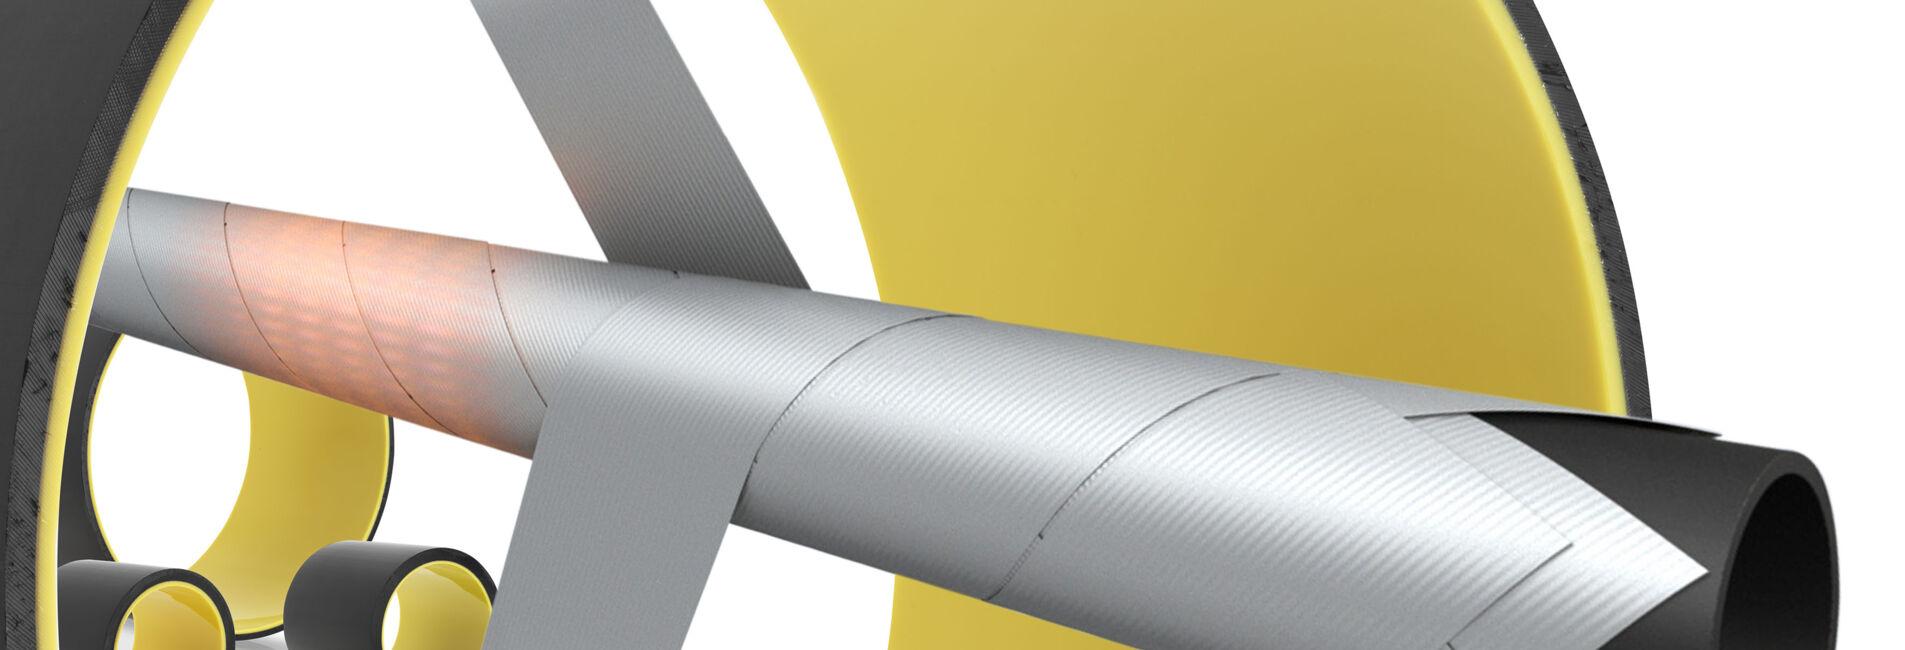 Hochleistungsrohre für die Öl- und Gasindustrie